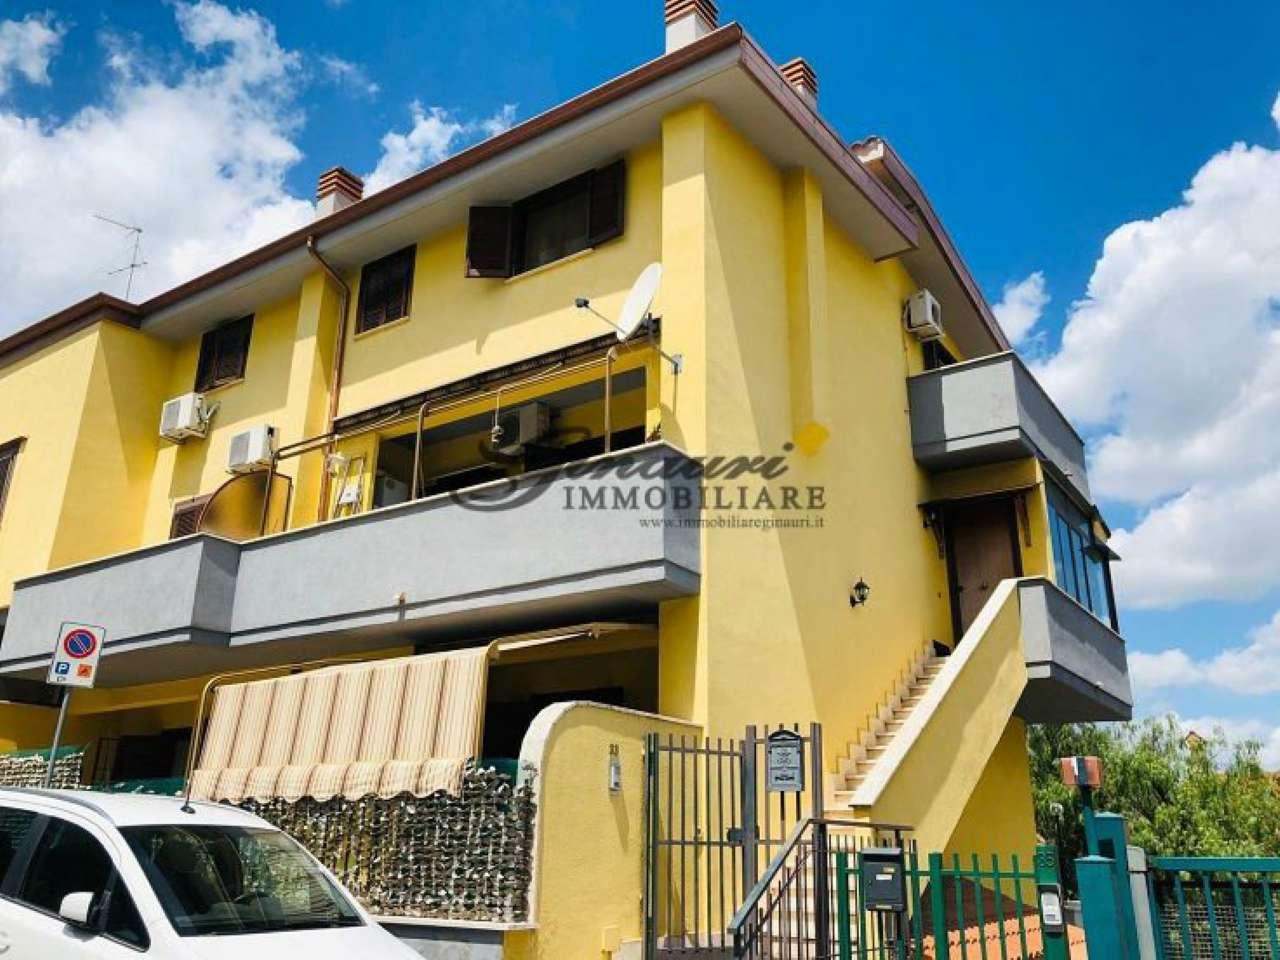 Appartamento in vendita a Fonte Nuova, 4 locali, prezzo € 139.000 | PortaleAgenzieImmobiliari.it